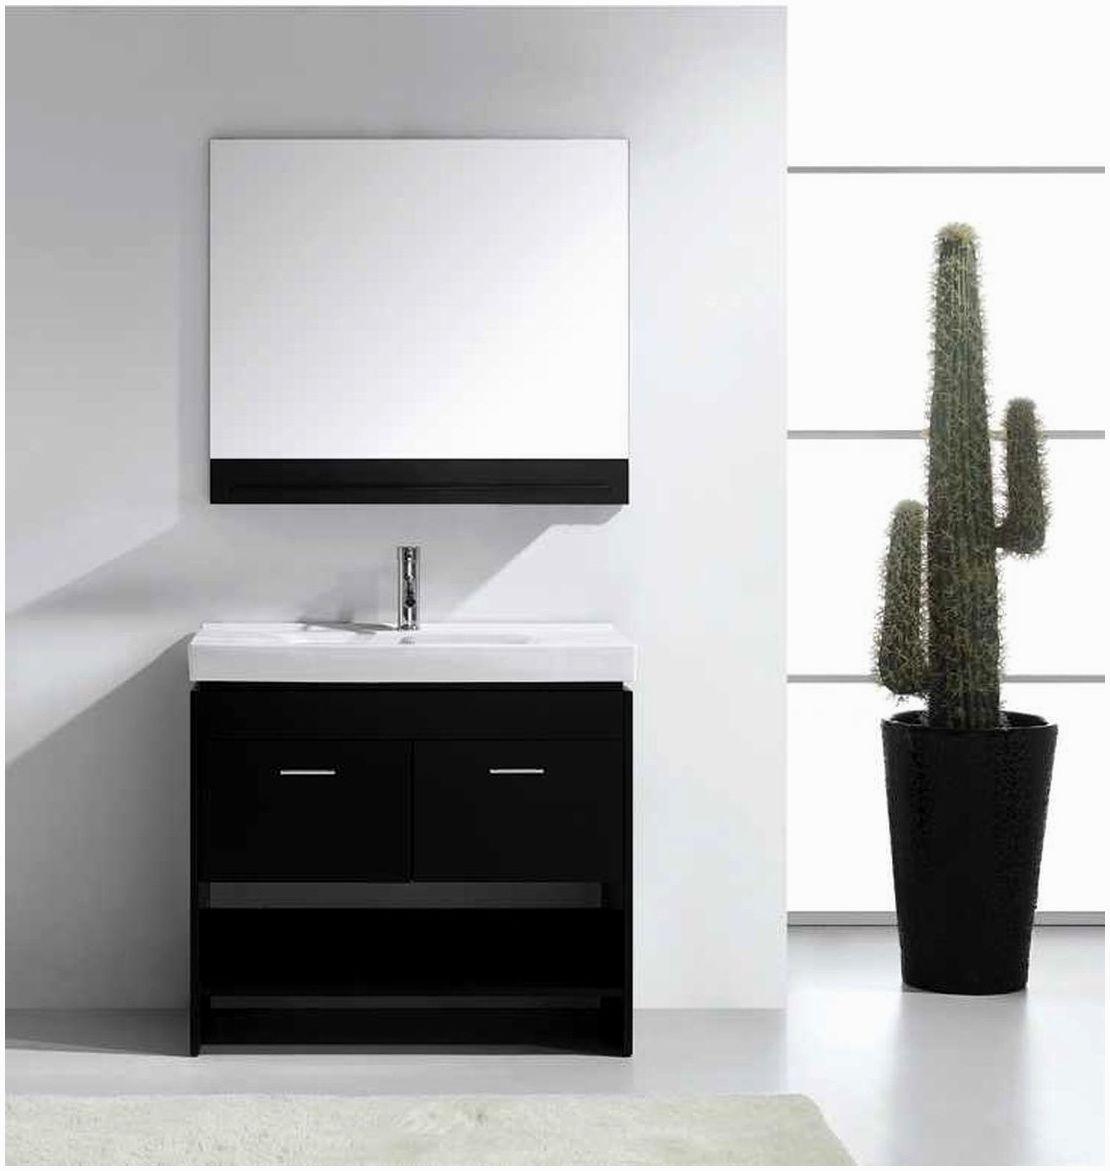 lovely bathroom vanity 30 inch plan-Fantastic Bathroom Vanity 30 Inch Model